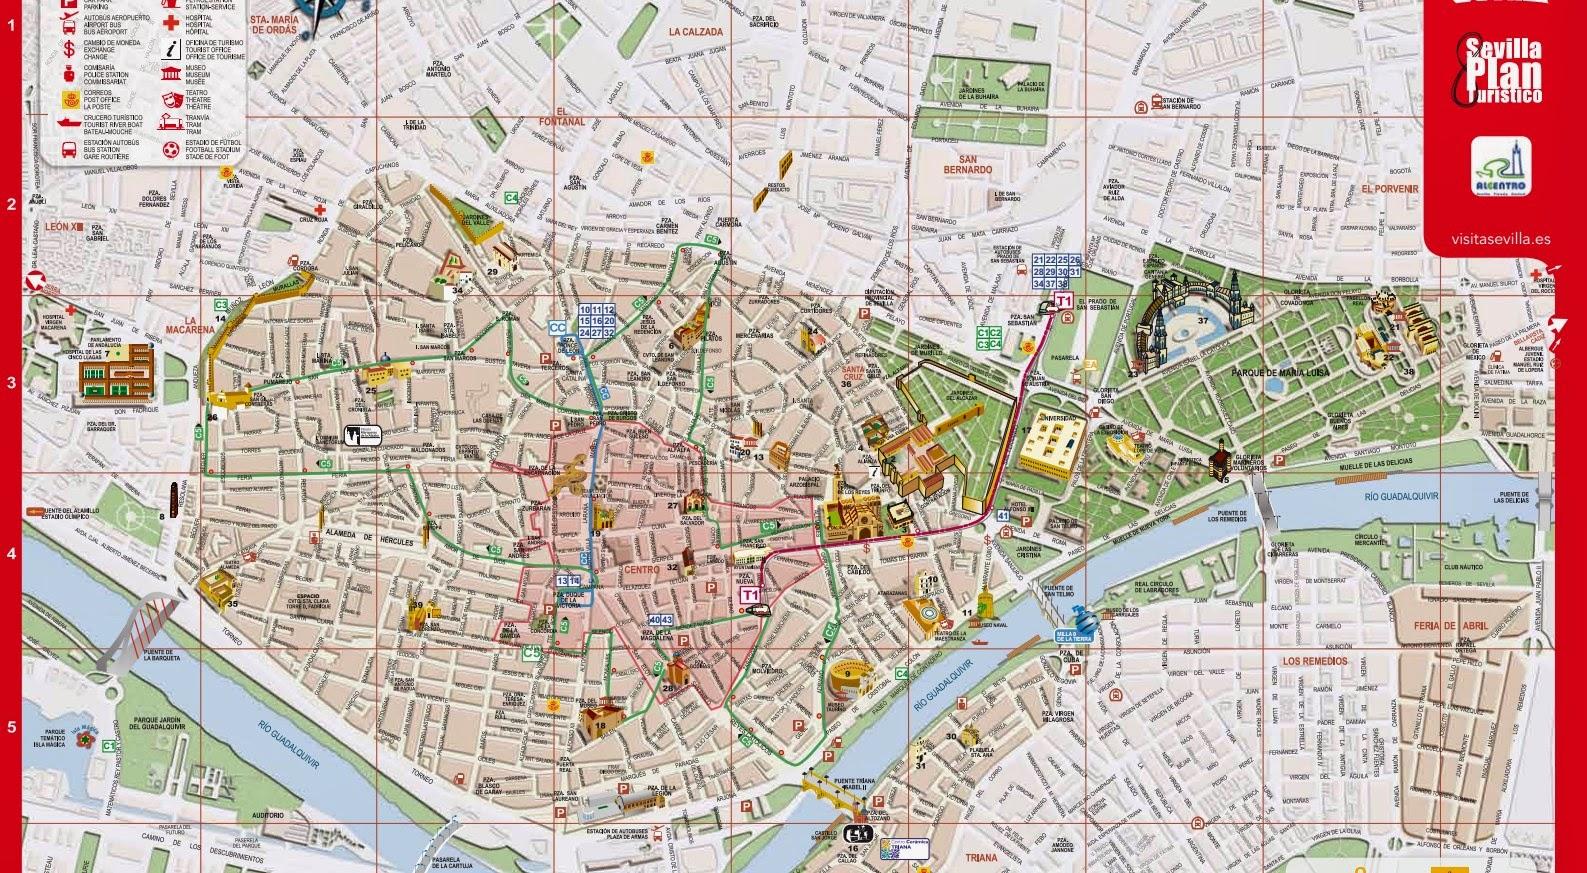 Carte touristique de Seville